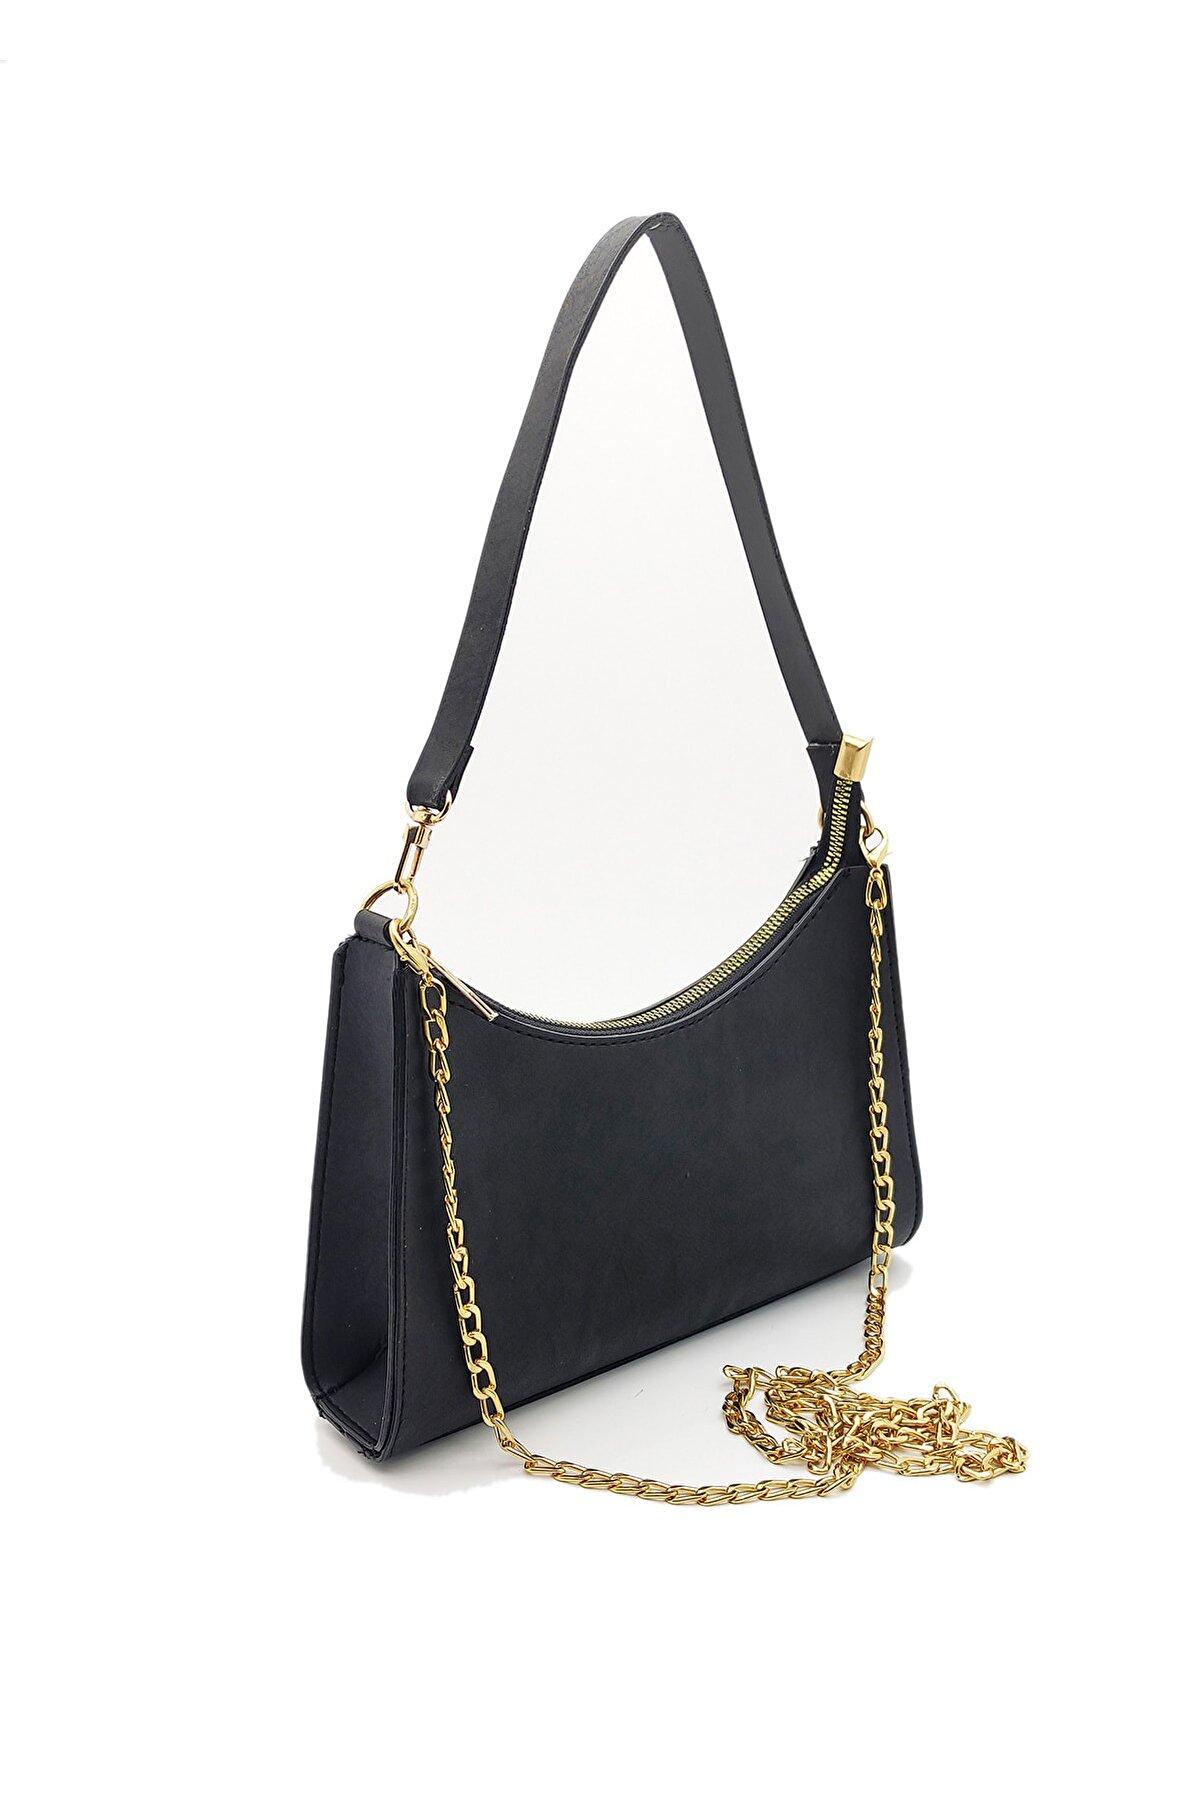 Rimense Kadın Siyah Elde Ve Omuzda Baget Çanta